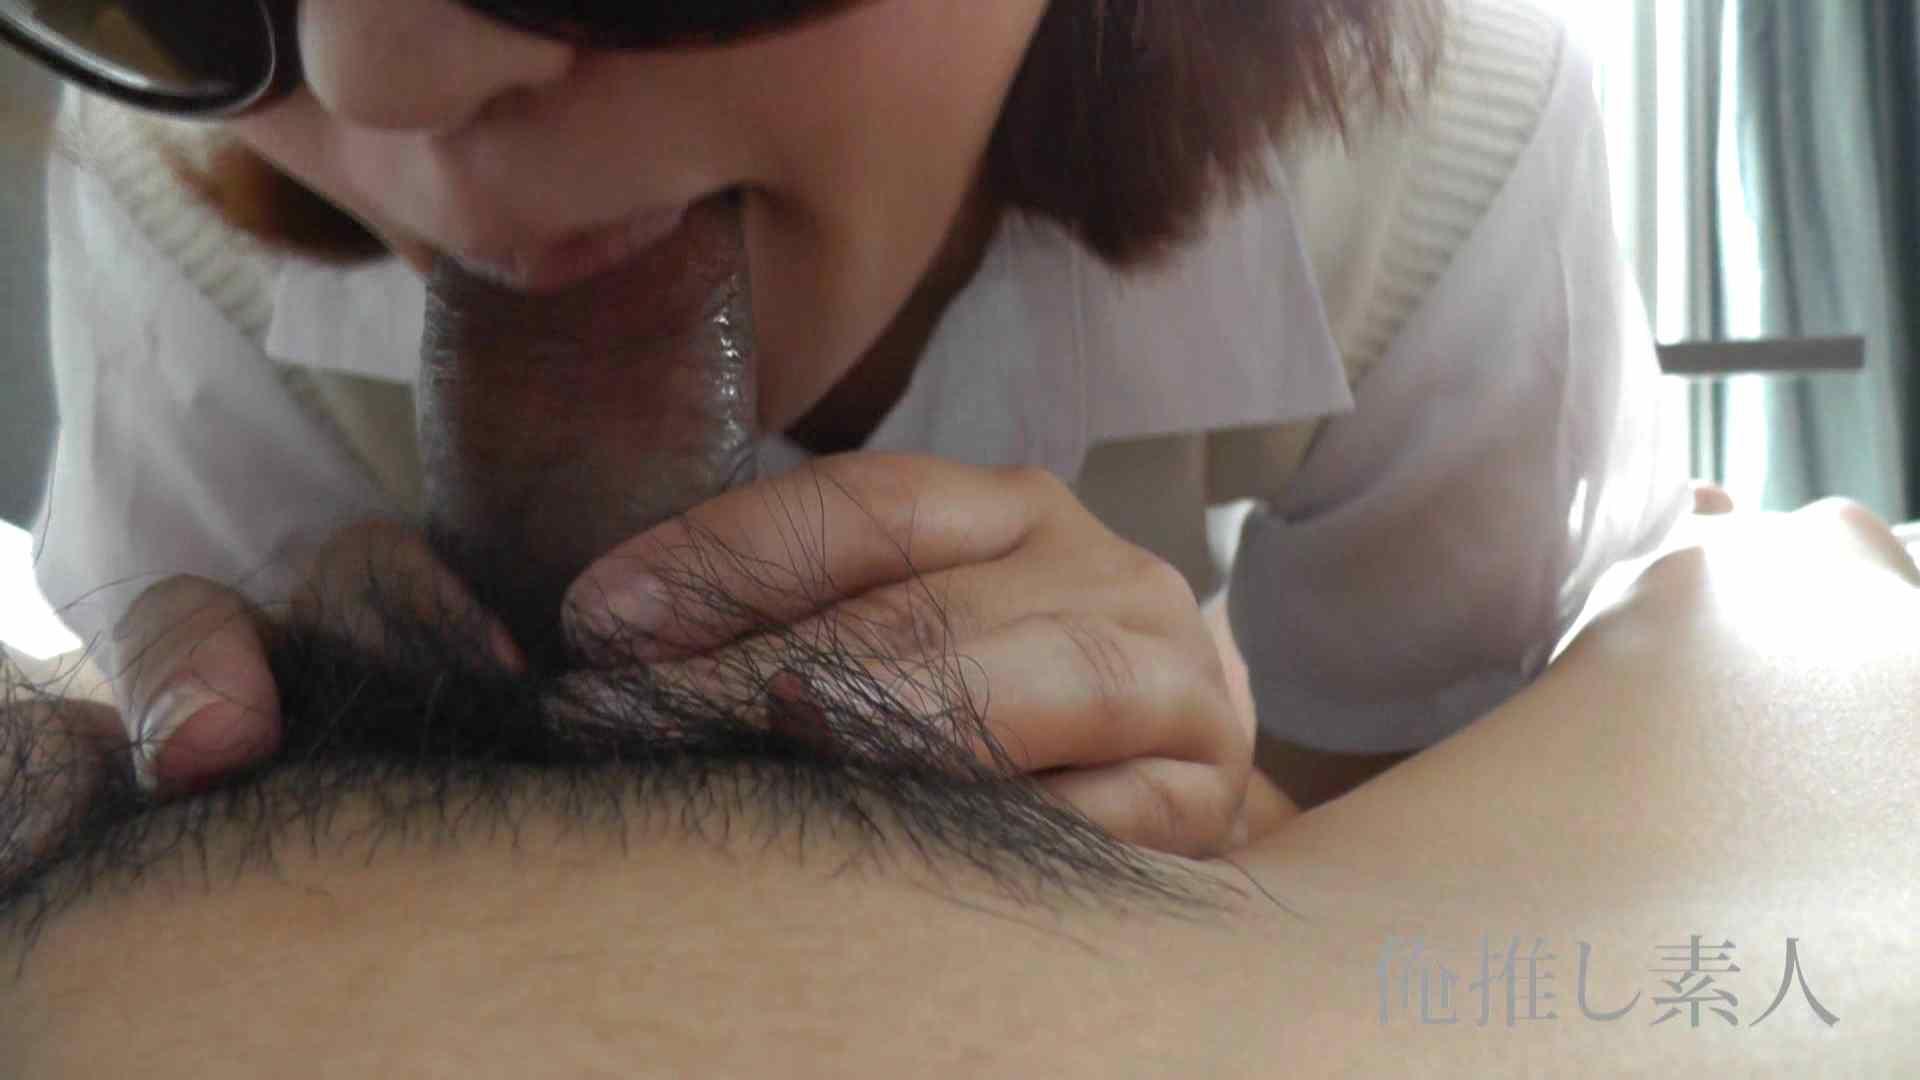 無修正おまんこ動画 俺推し素人 キャバクラ嬢26歳久美vol6 大奥